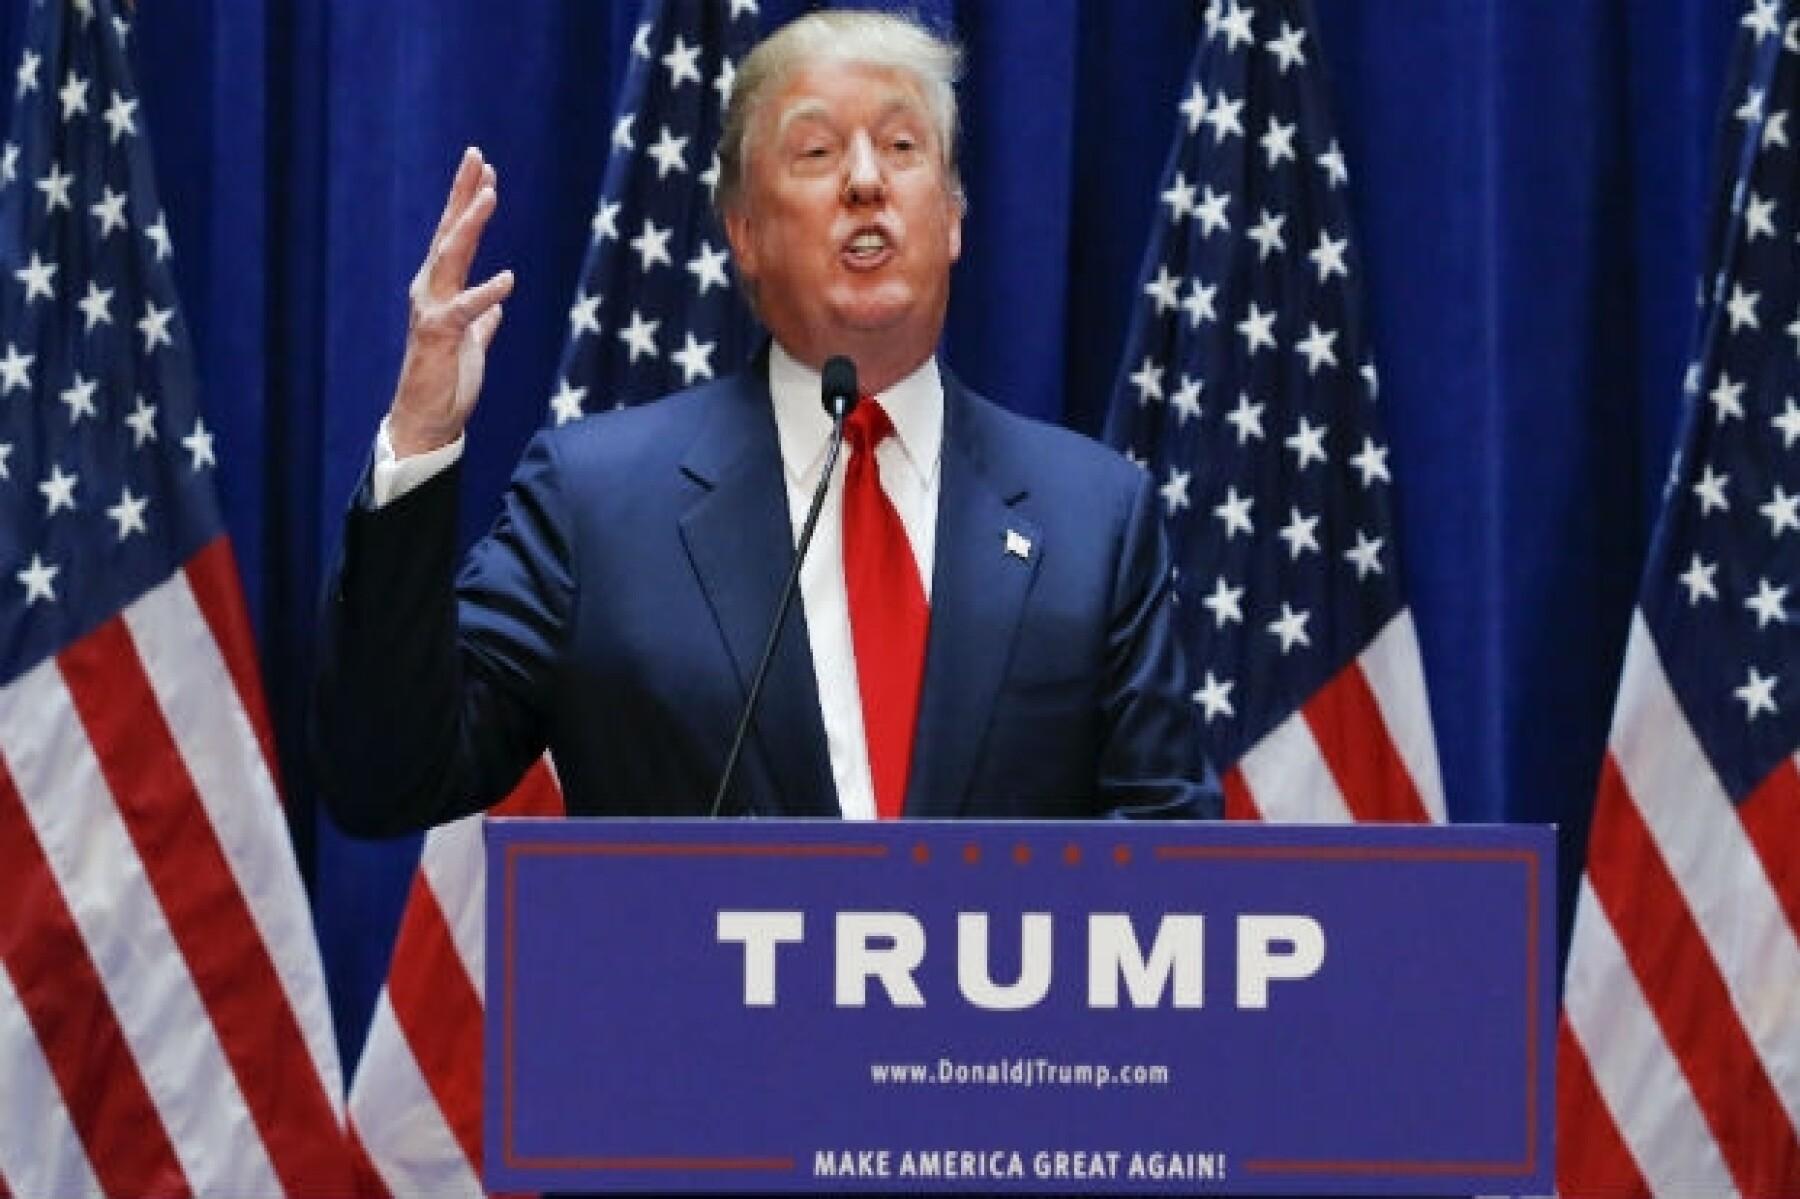 Tras su postulación a la presidencia, Donald Trump se convirtió en el centro de atención por sus comentarios en contra de los mexicanos, por lo que explicamos los puntos más relevantes del caso.